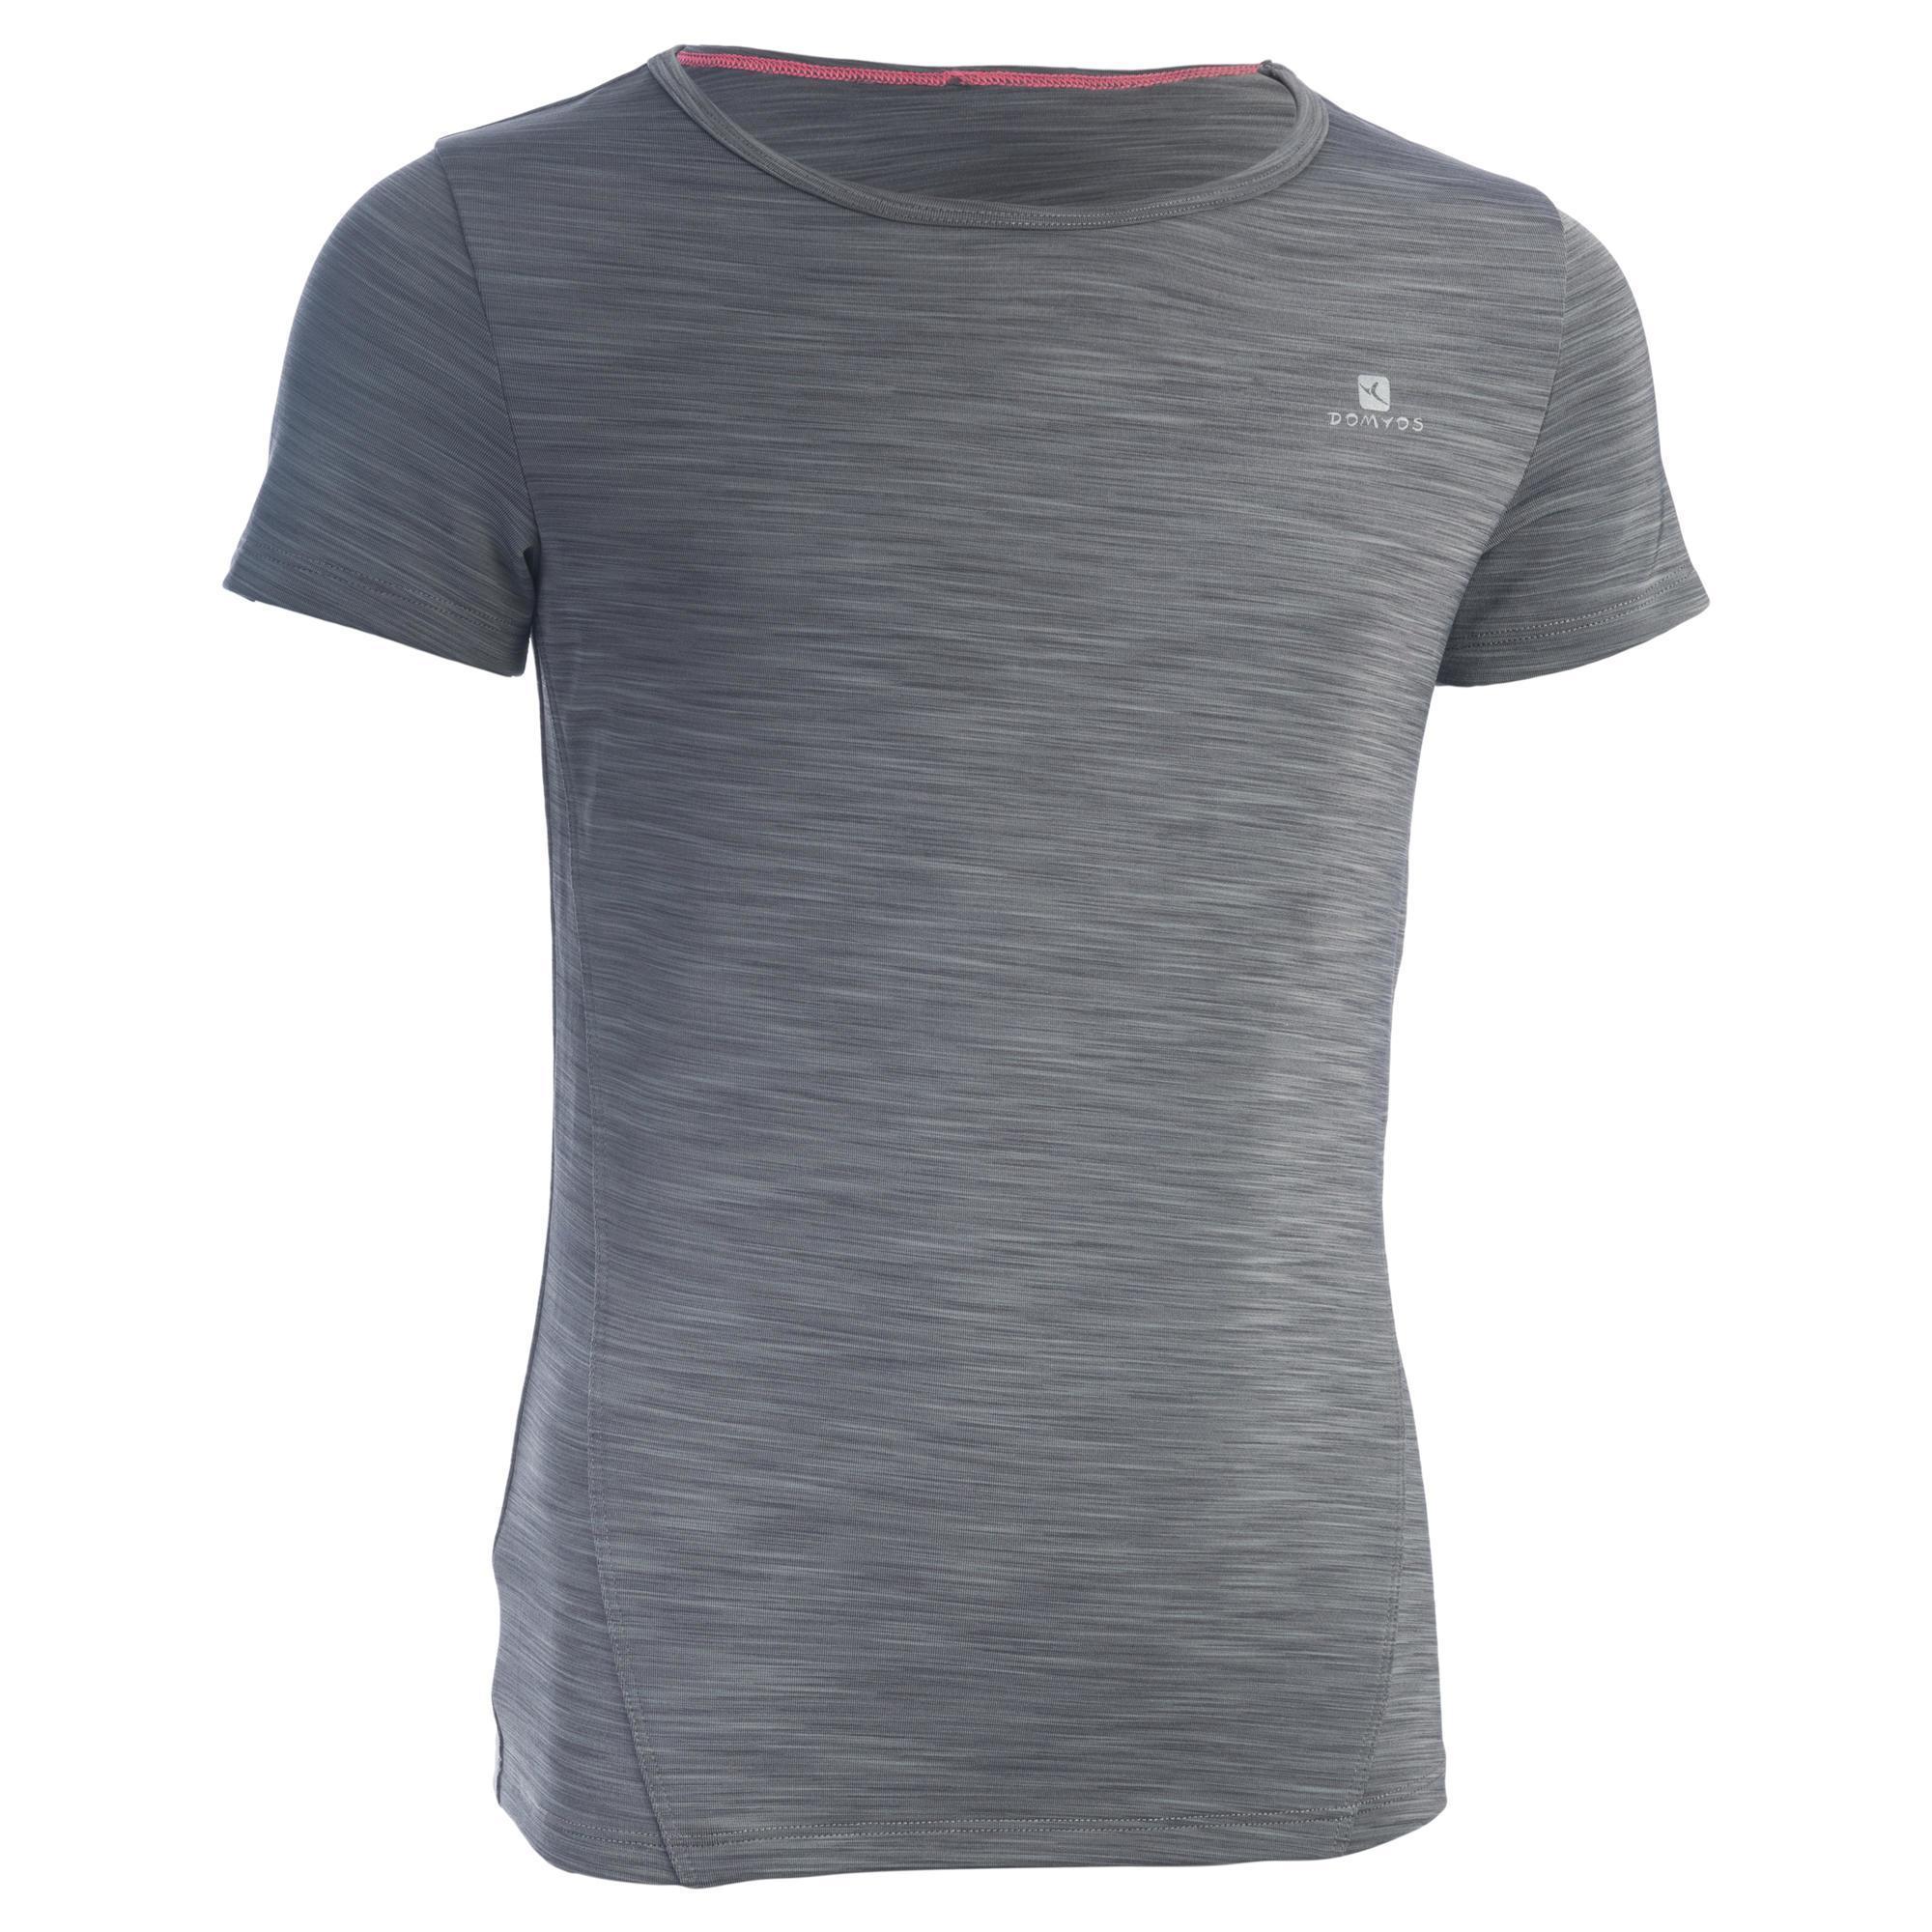 Domyos Gym T-shirt met korte mouwen S500 voor meisjes grijs met print